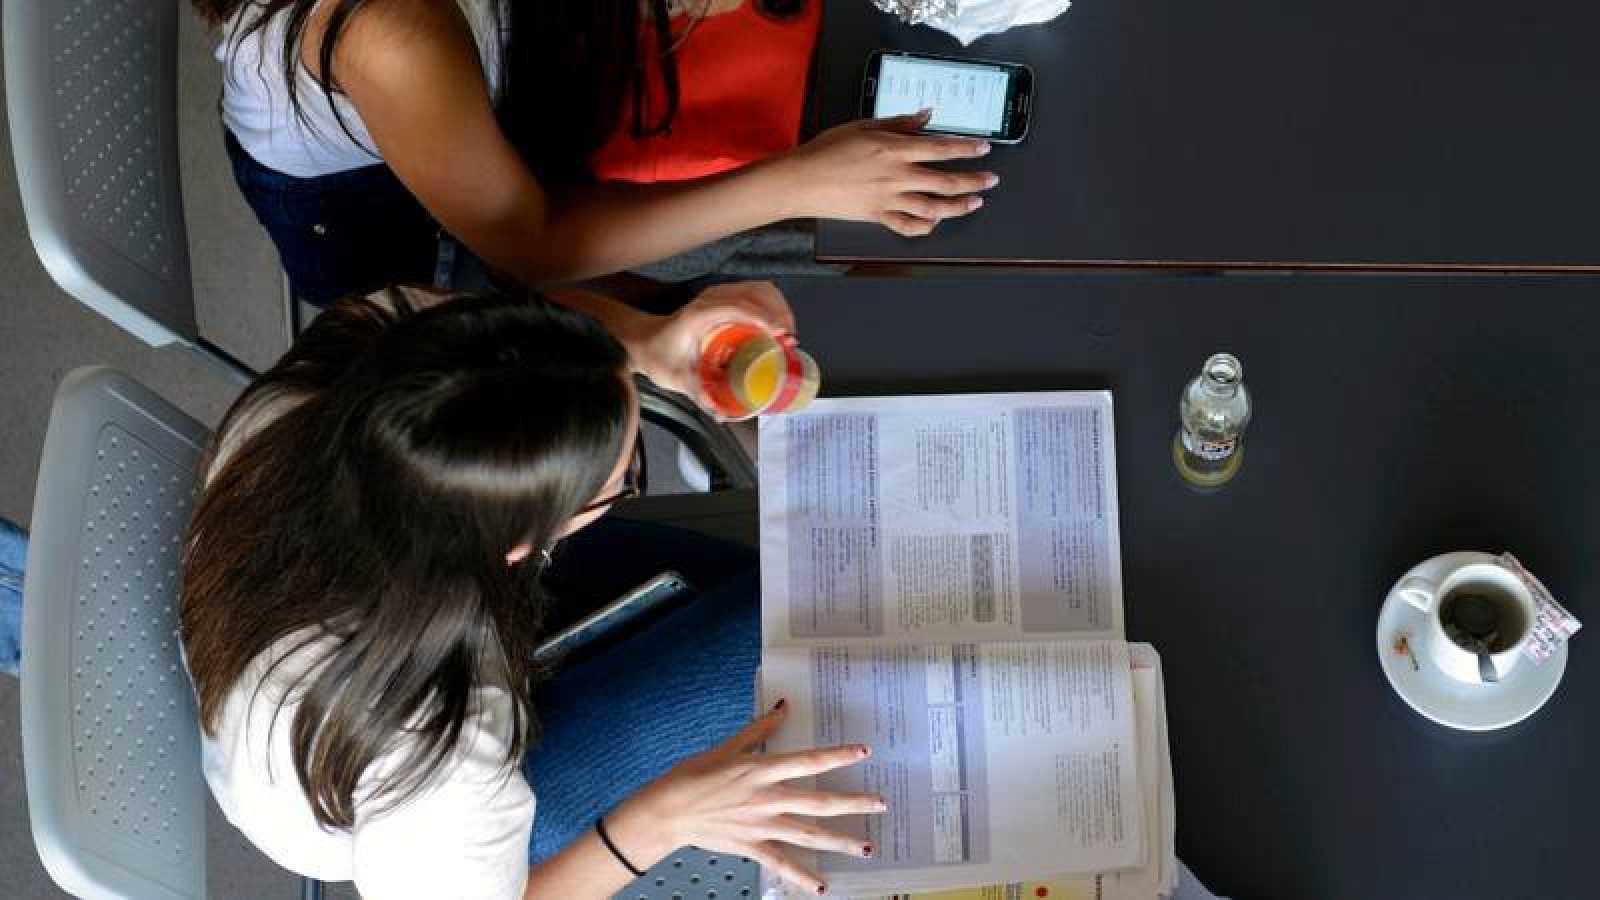 Dos estudiantes preparan un examen en la cafetería de la facultad